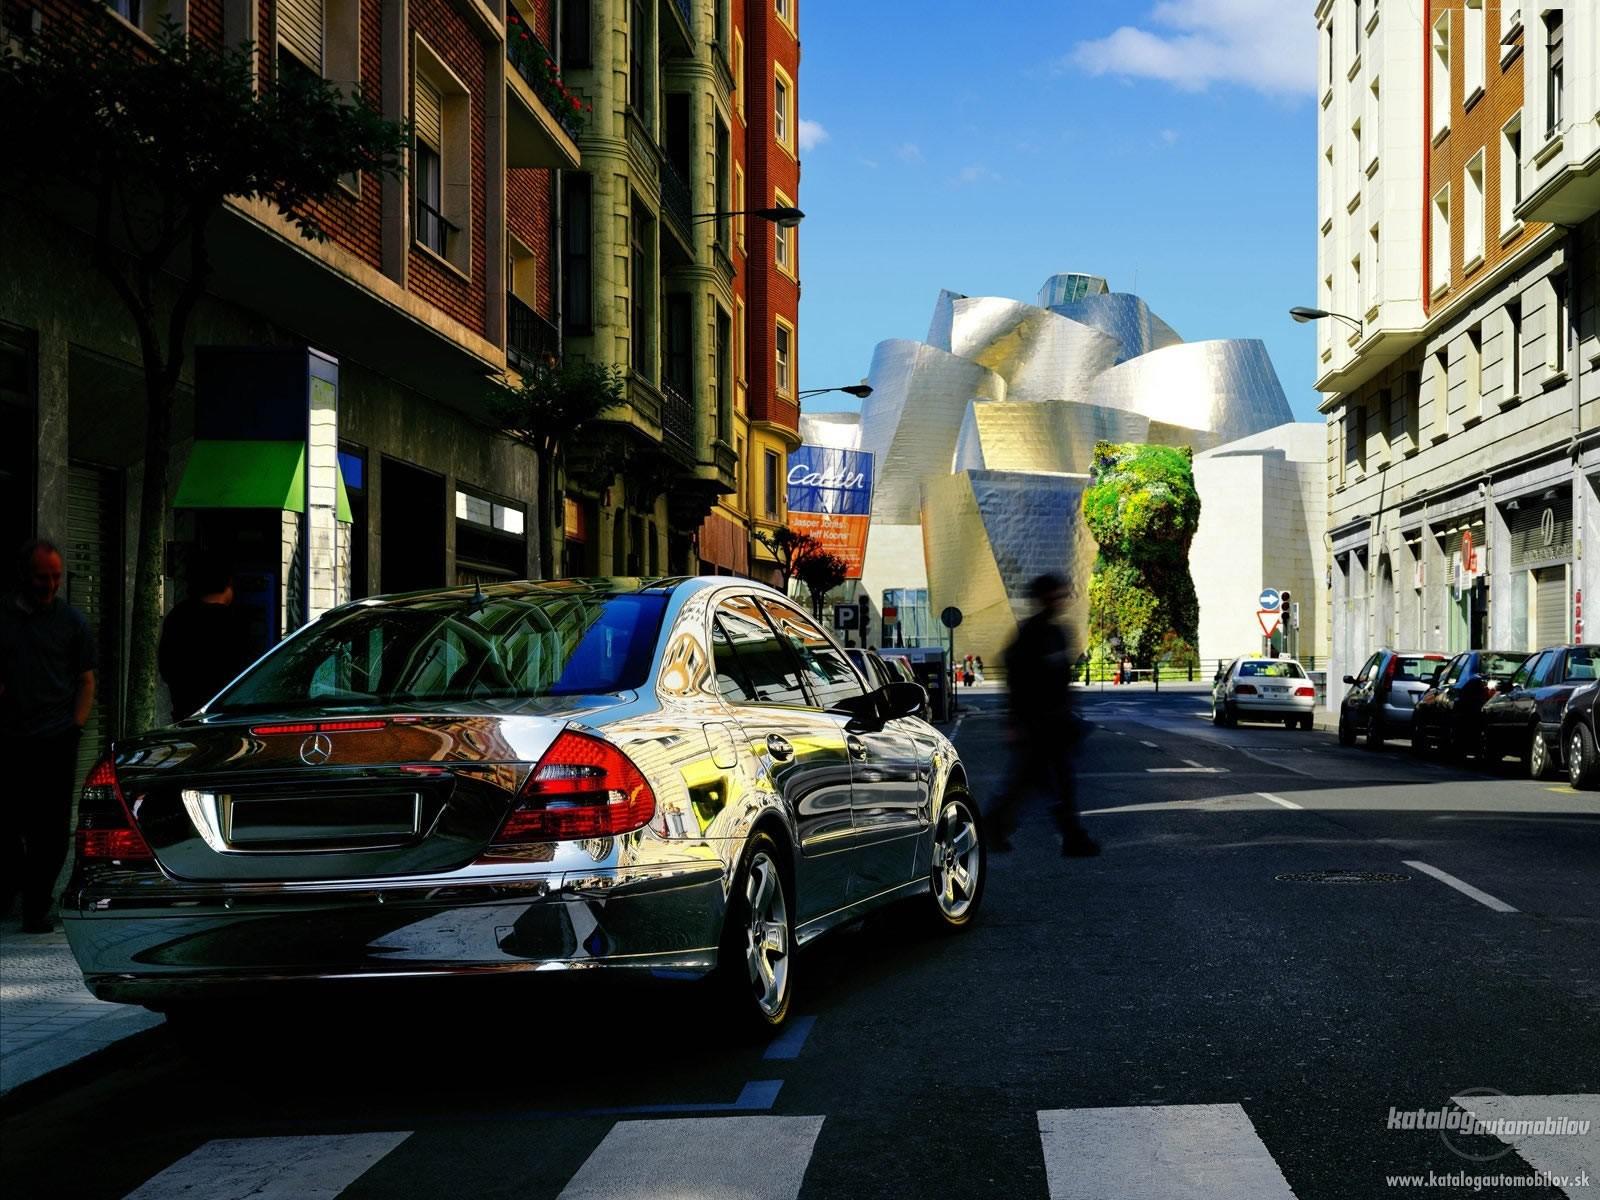 [Photos] Galerie : Les Berlines W211 et Breaks S211  pour le plaisir des yeux Mercedes-e-w211-200-cdi-100kw-2